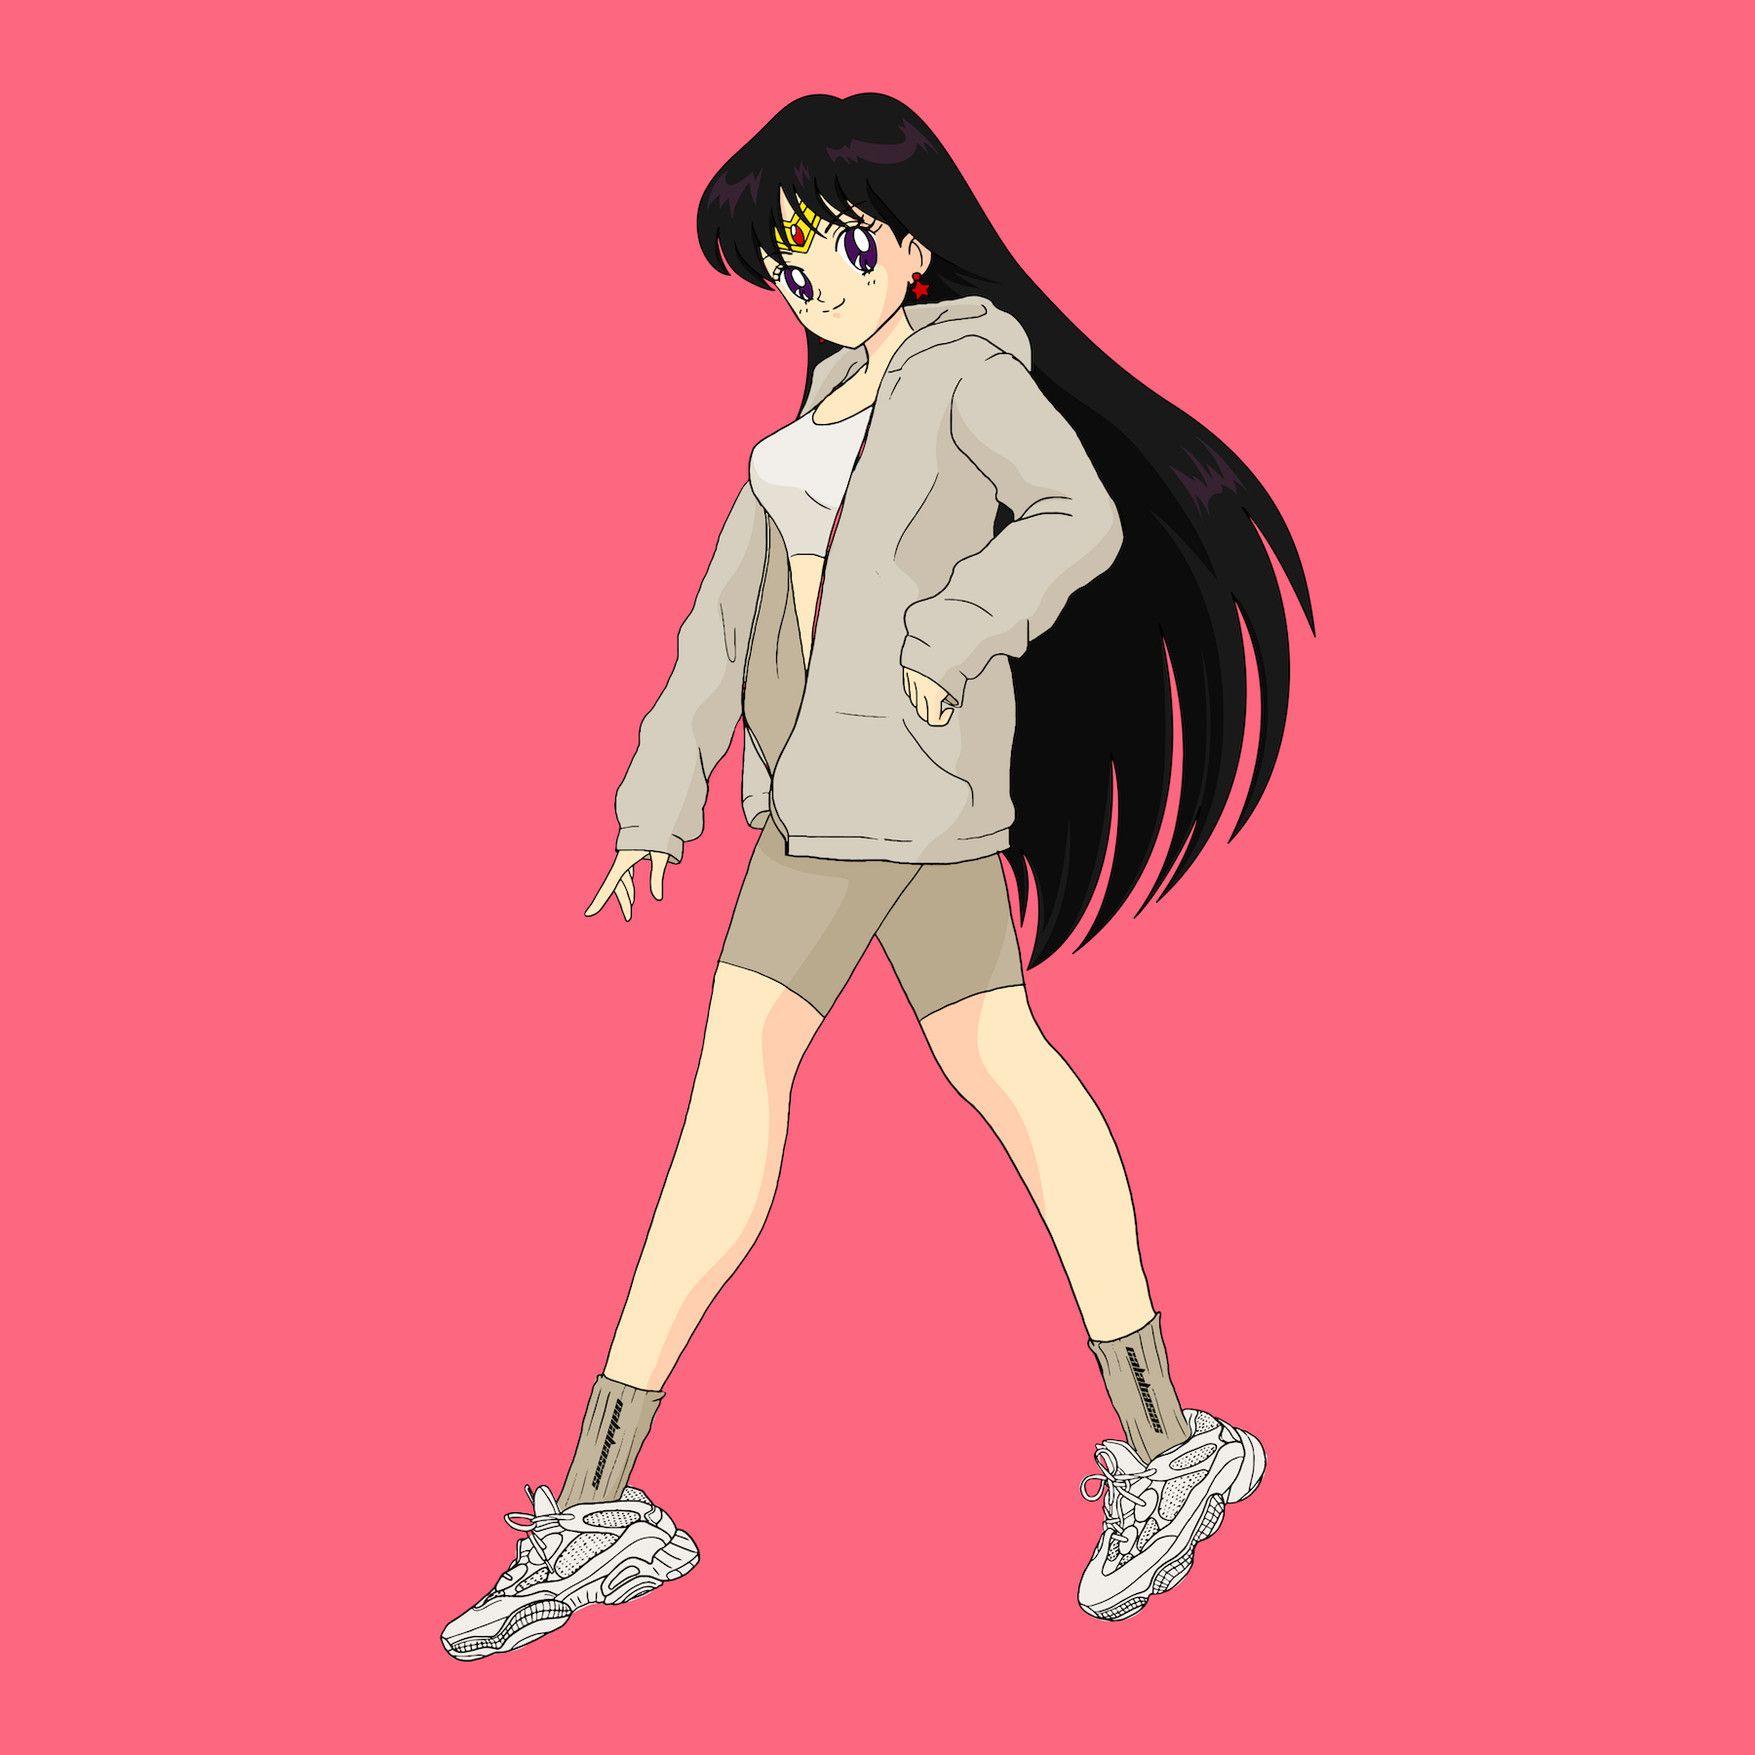 Sailor Moon - Street style - Neomag.